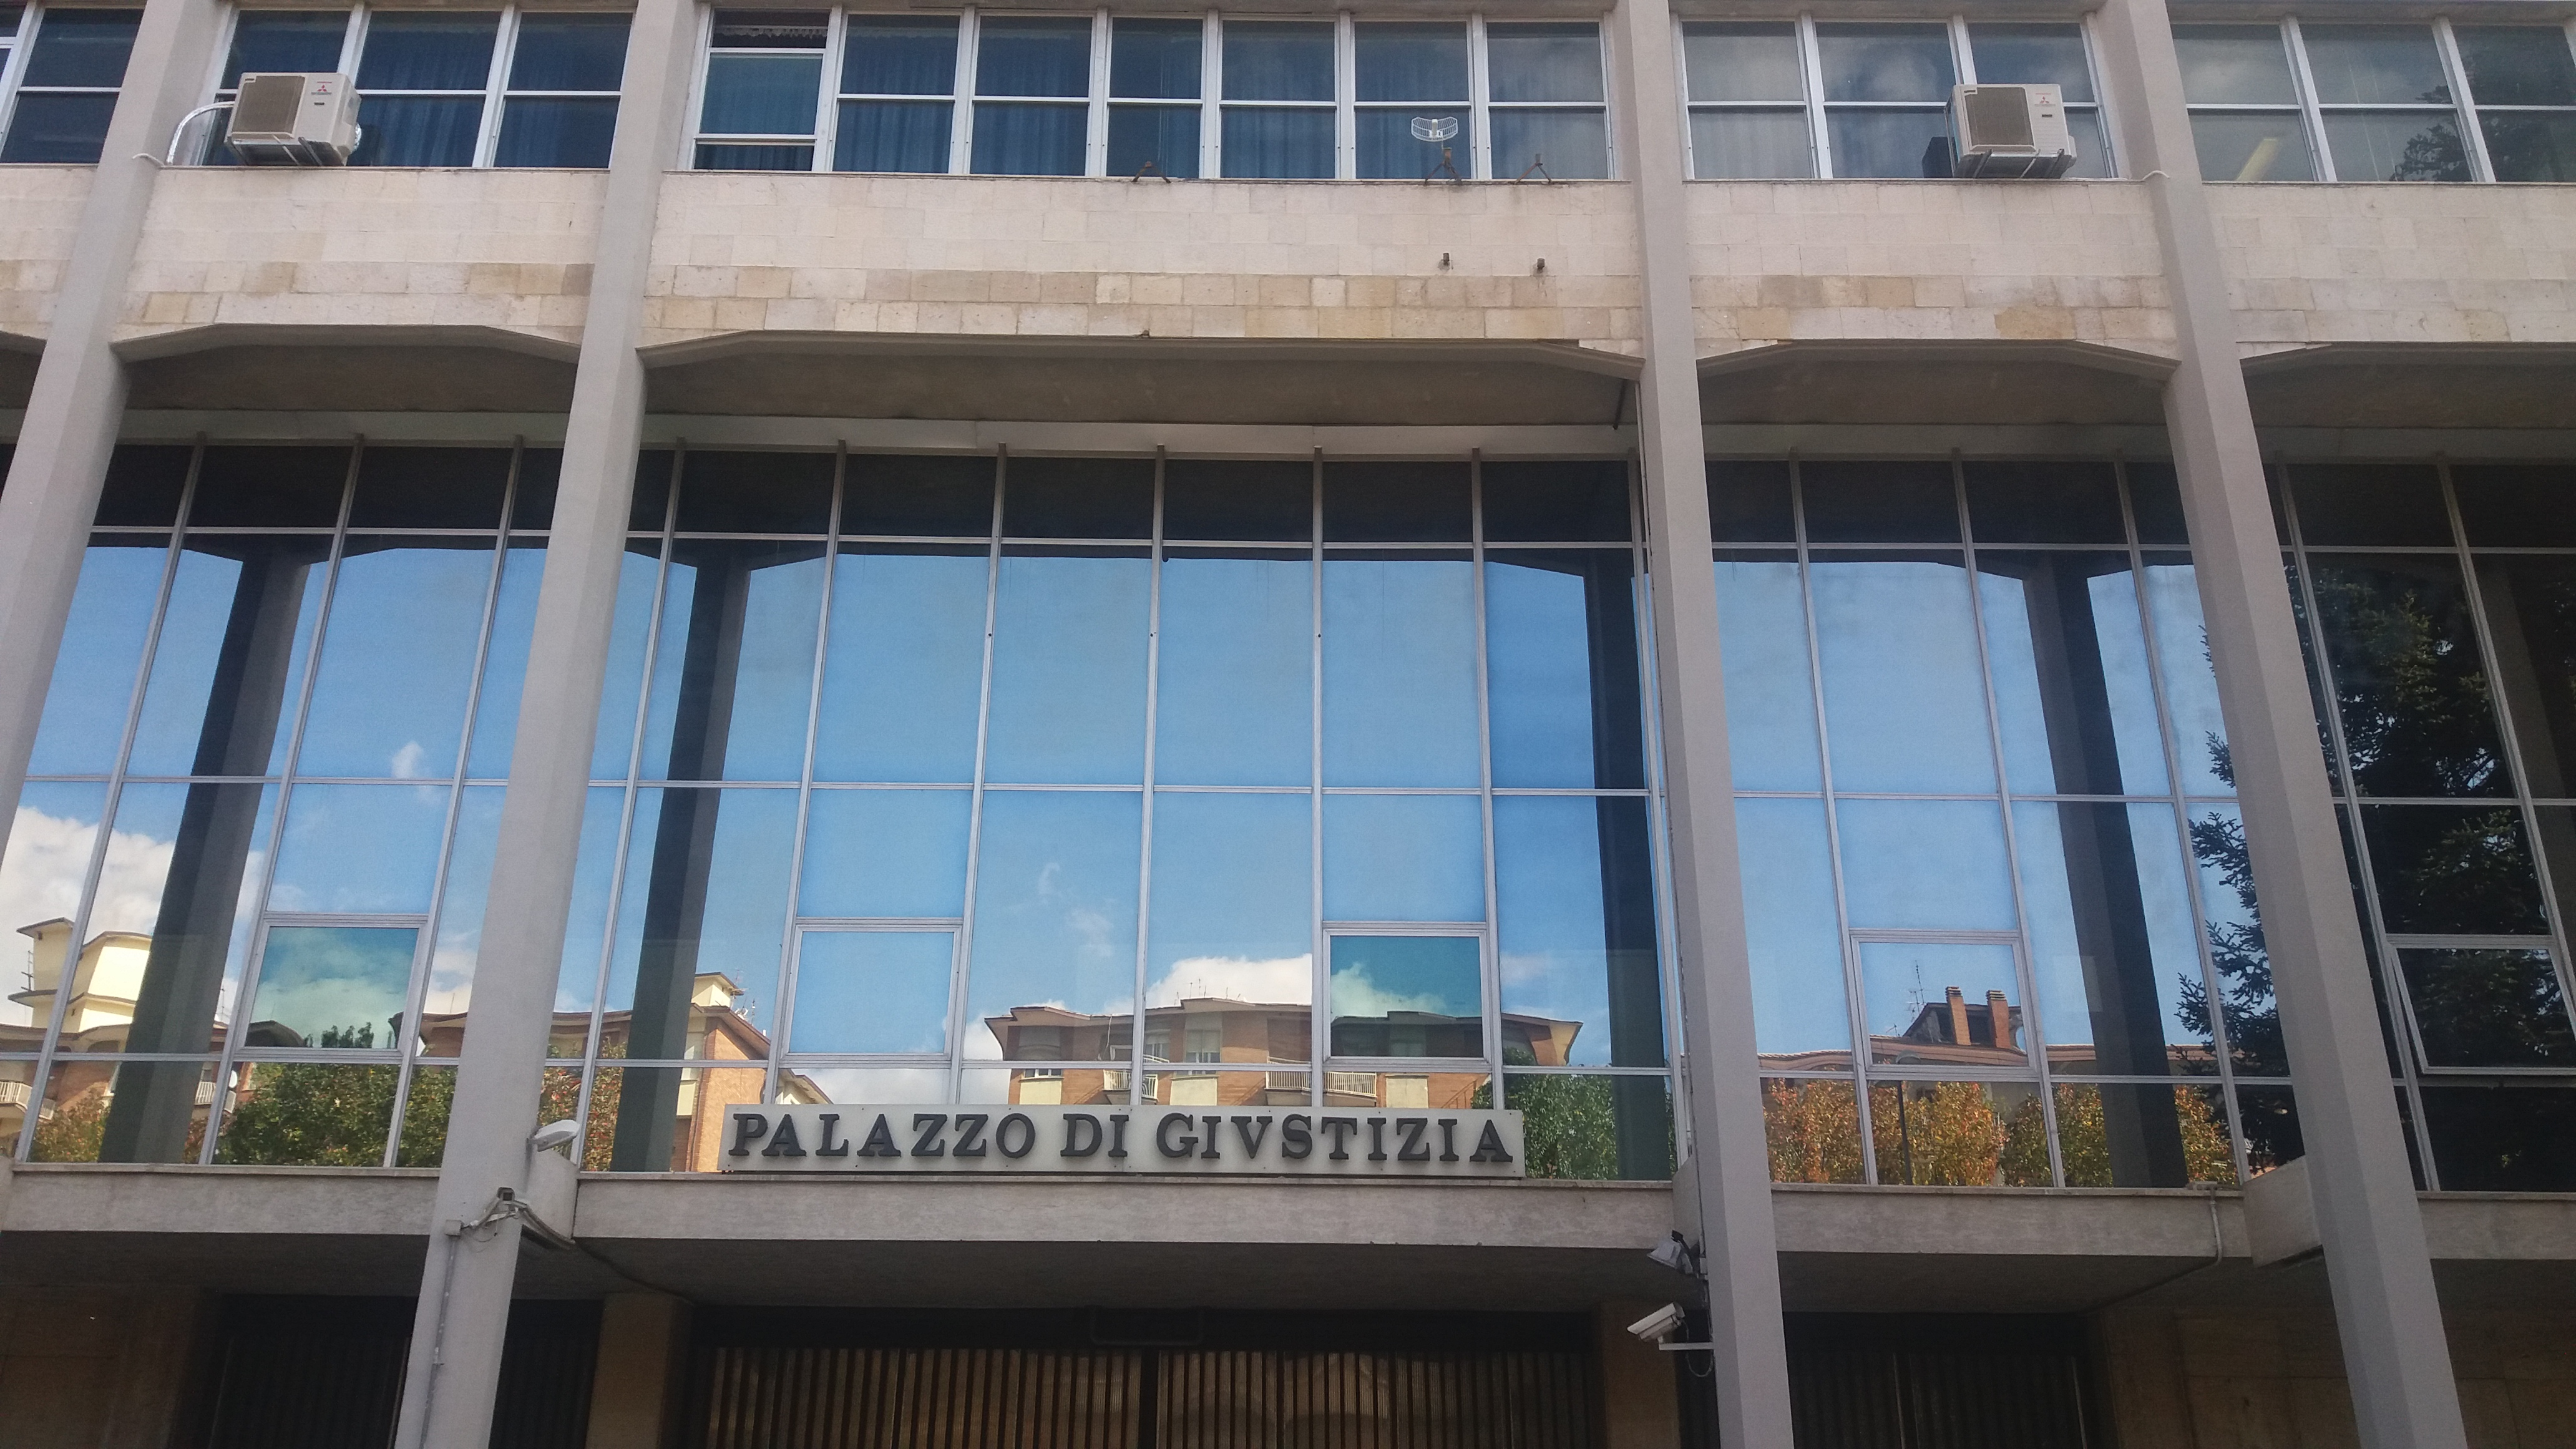 Avellino| Domiciliari confermati al prof stalker